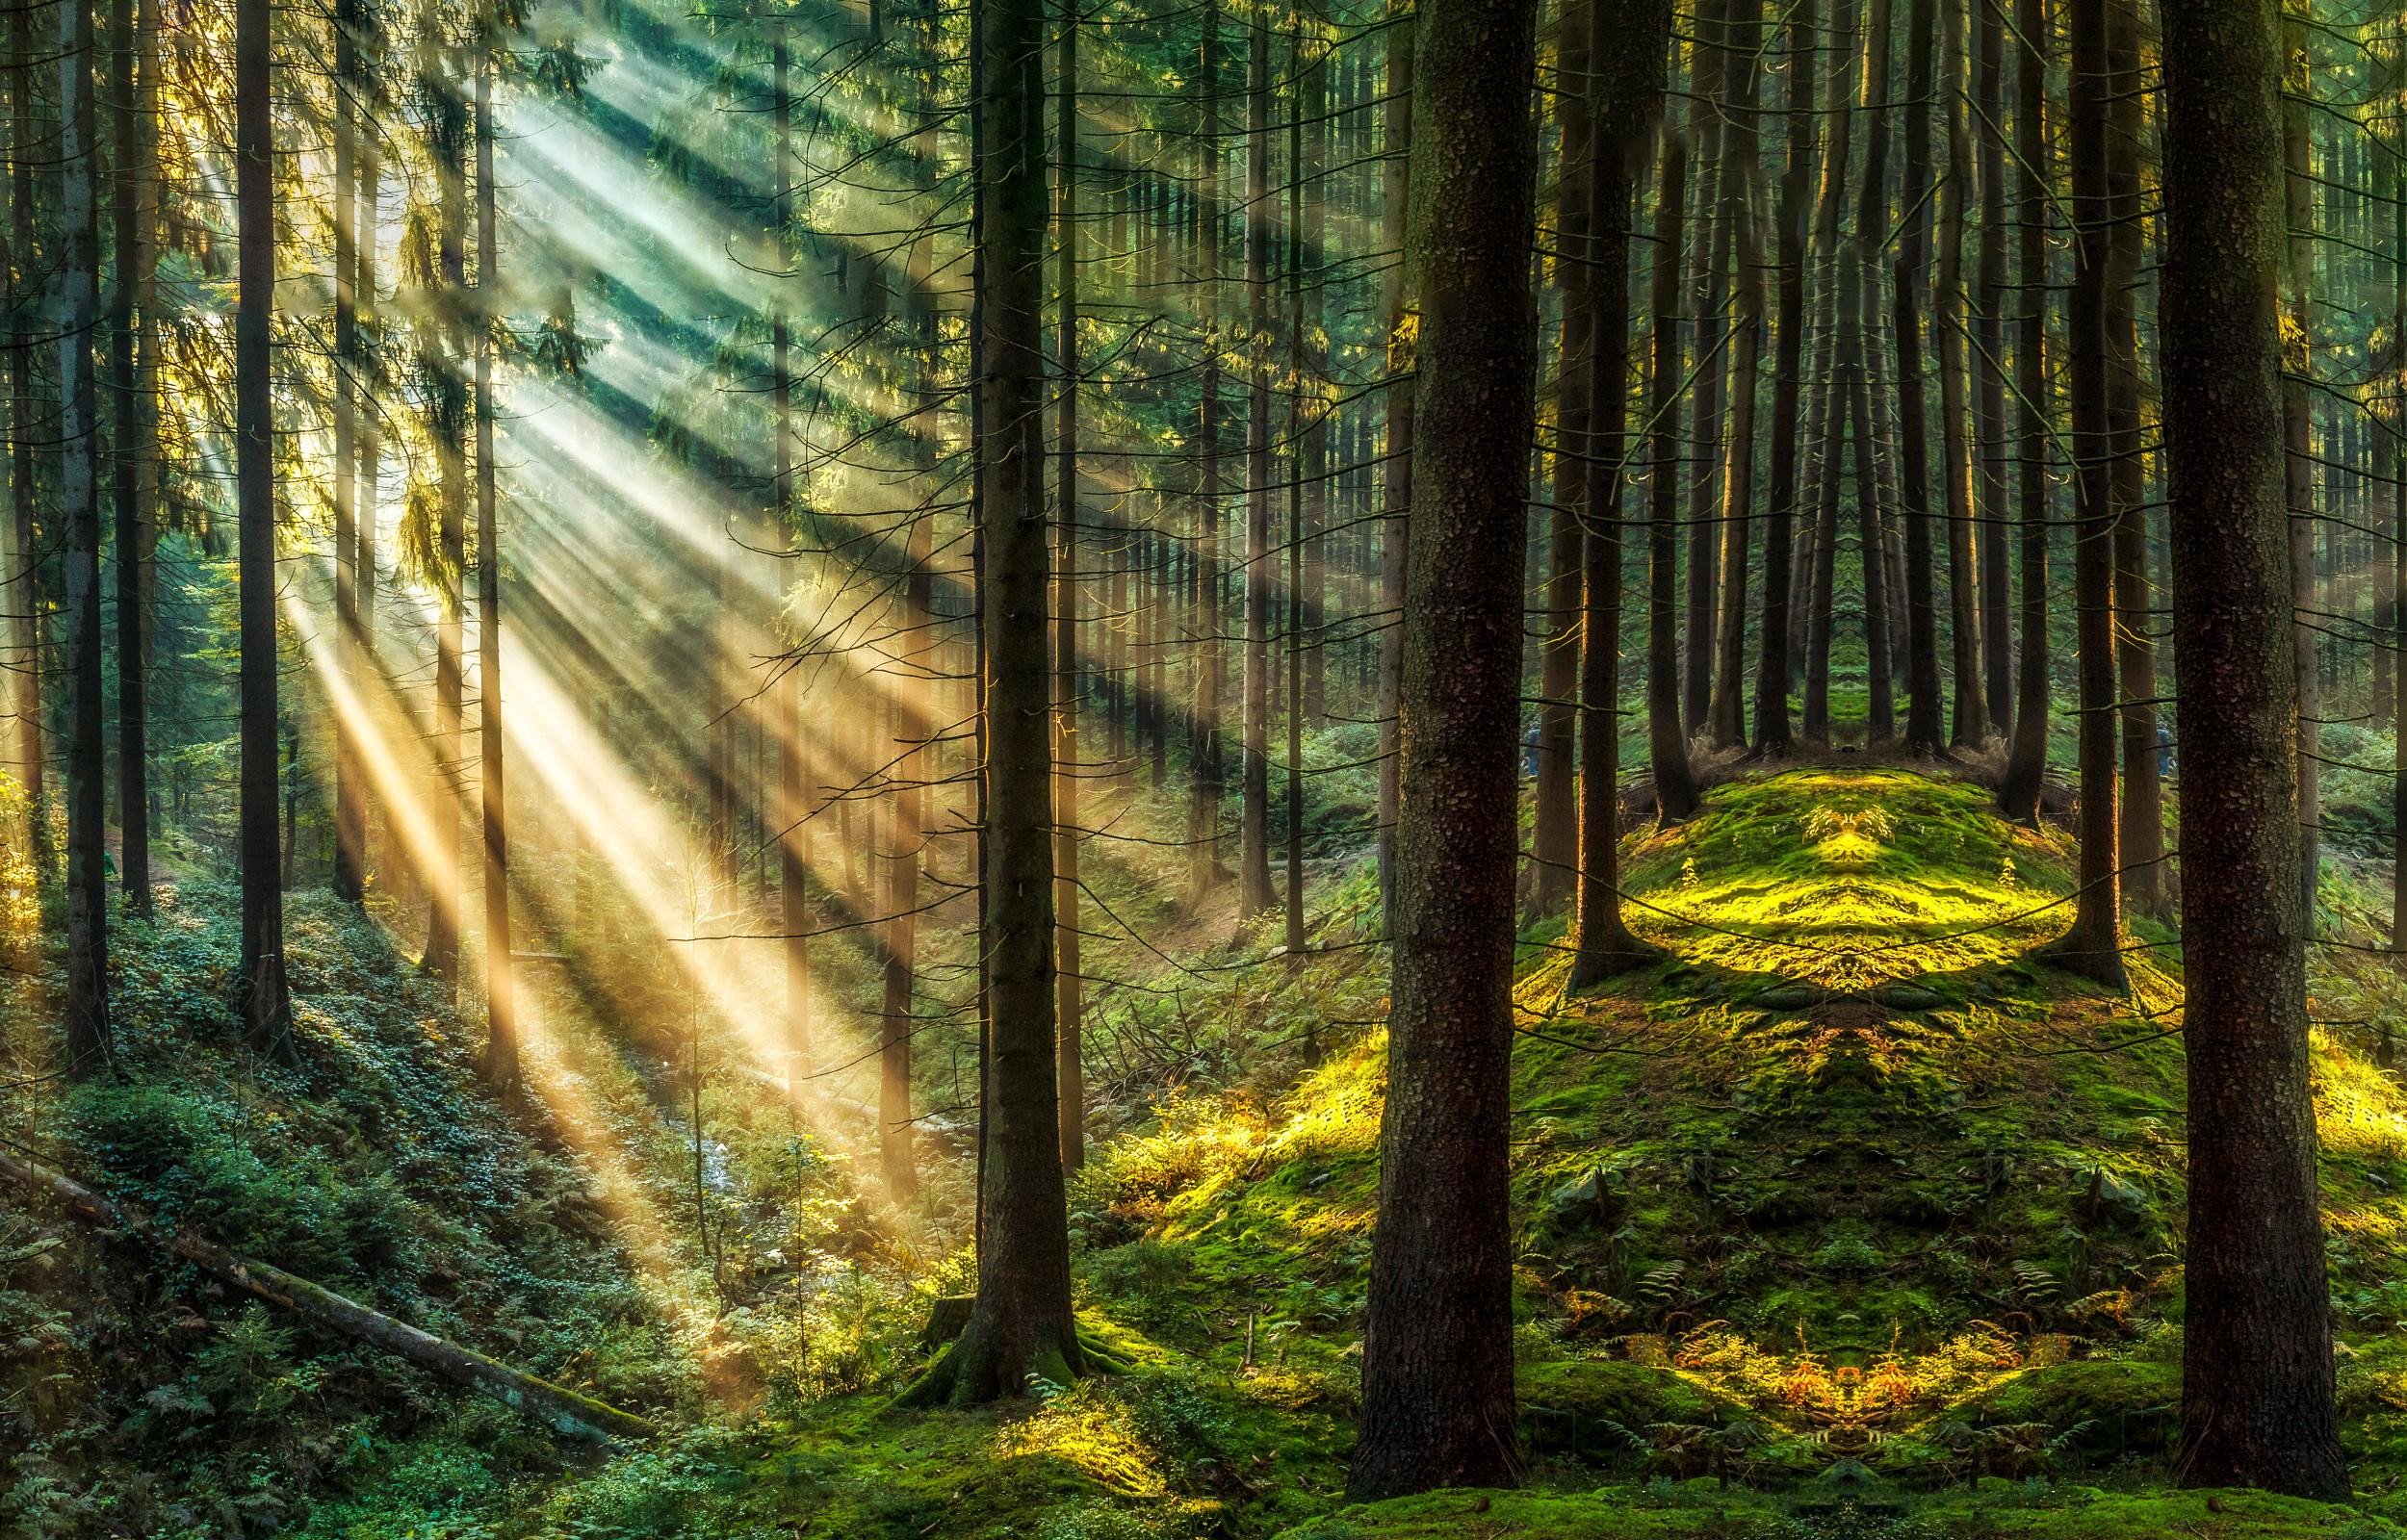 Ученые обнаружили миллионы гектаров «затерянных» лесов